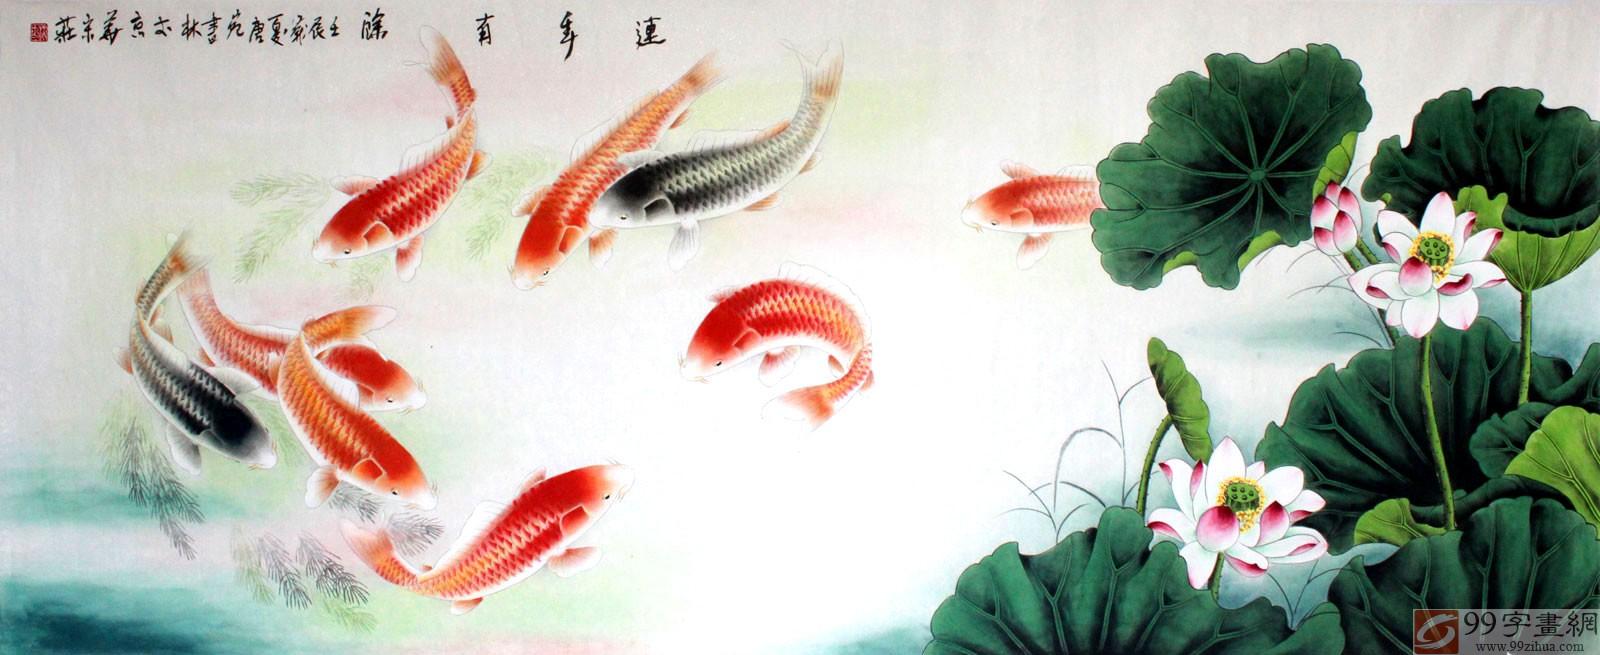 【已售】河南美协唐婉小六尺九鱼图《连年有余》